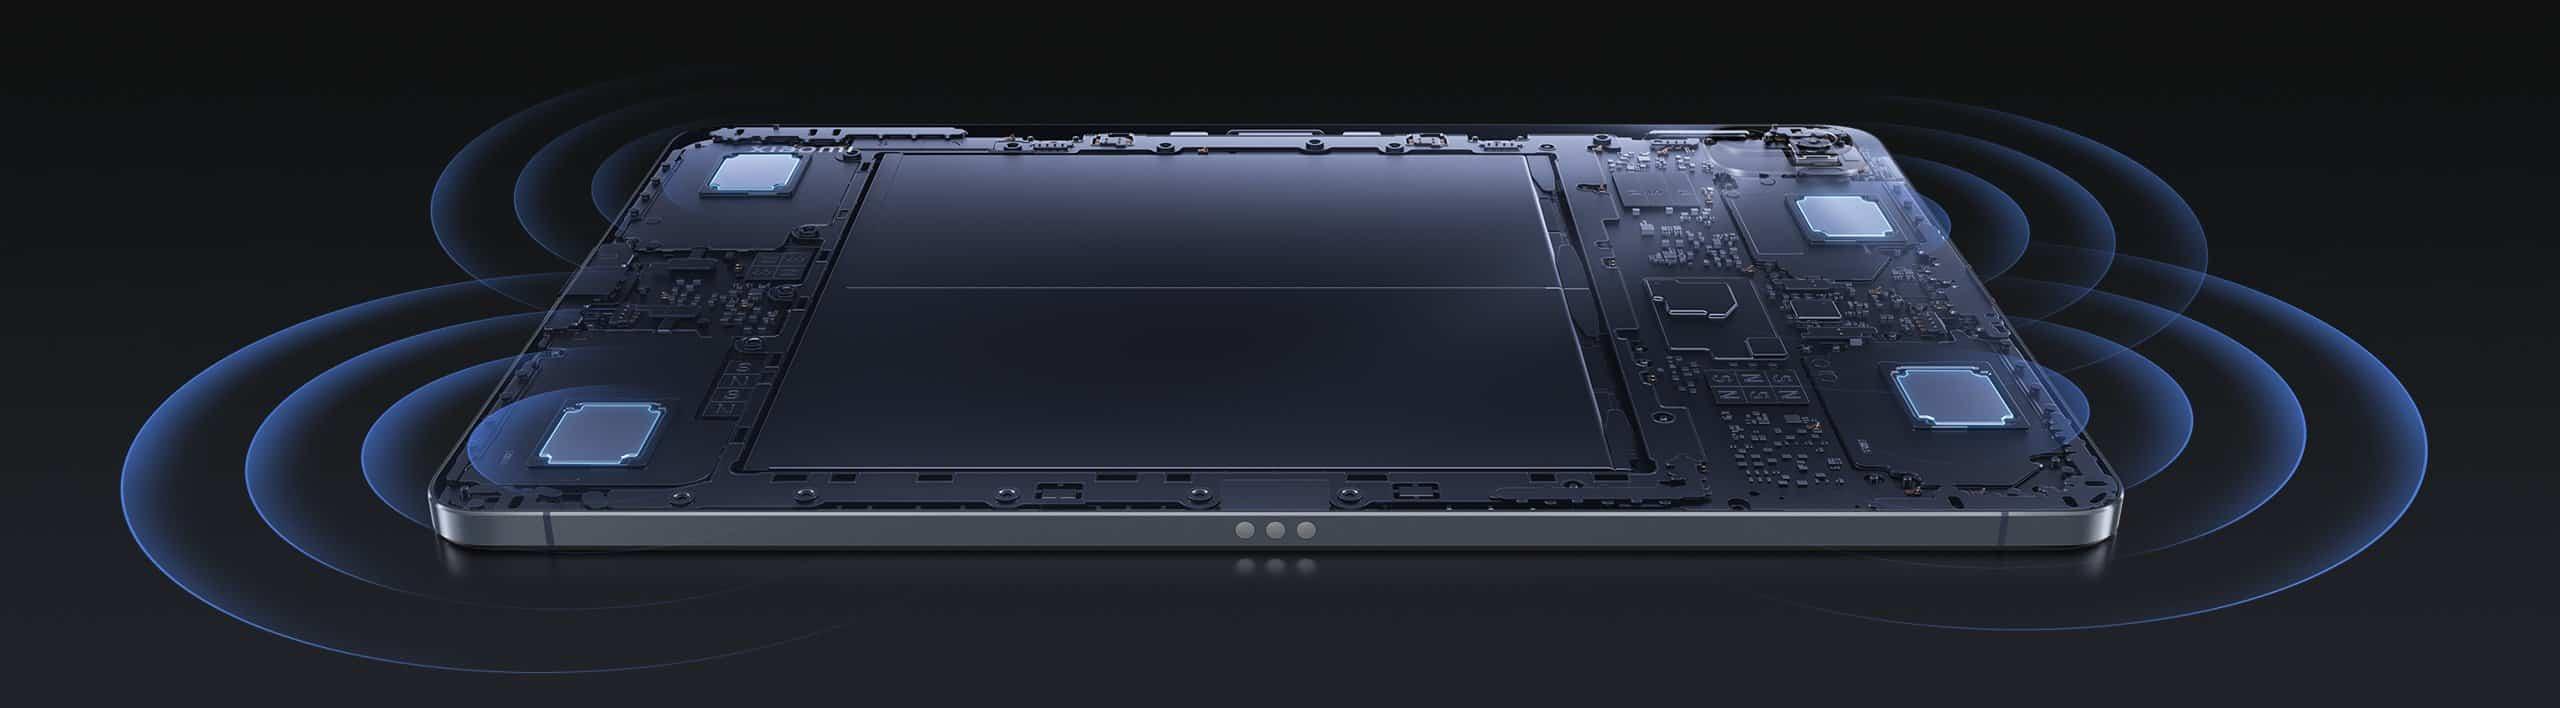 Tablica Xiaomi Pad 5 Avdio sistem štirih zvočnikov